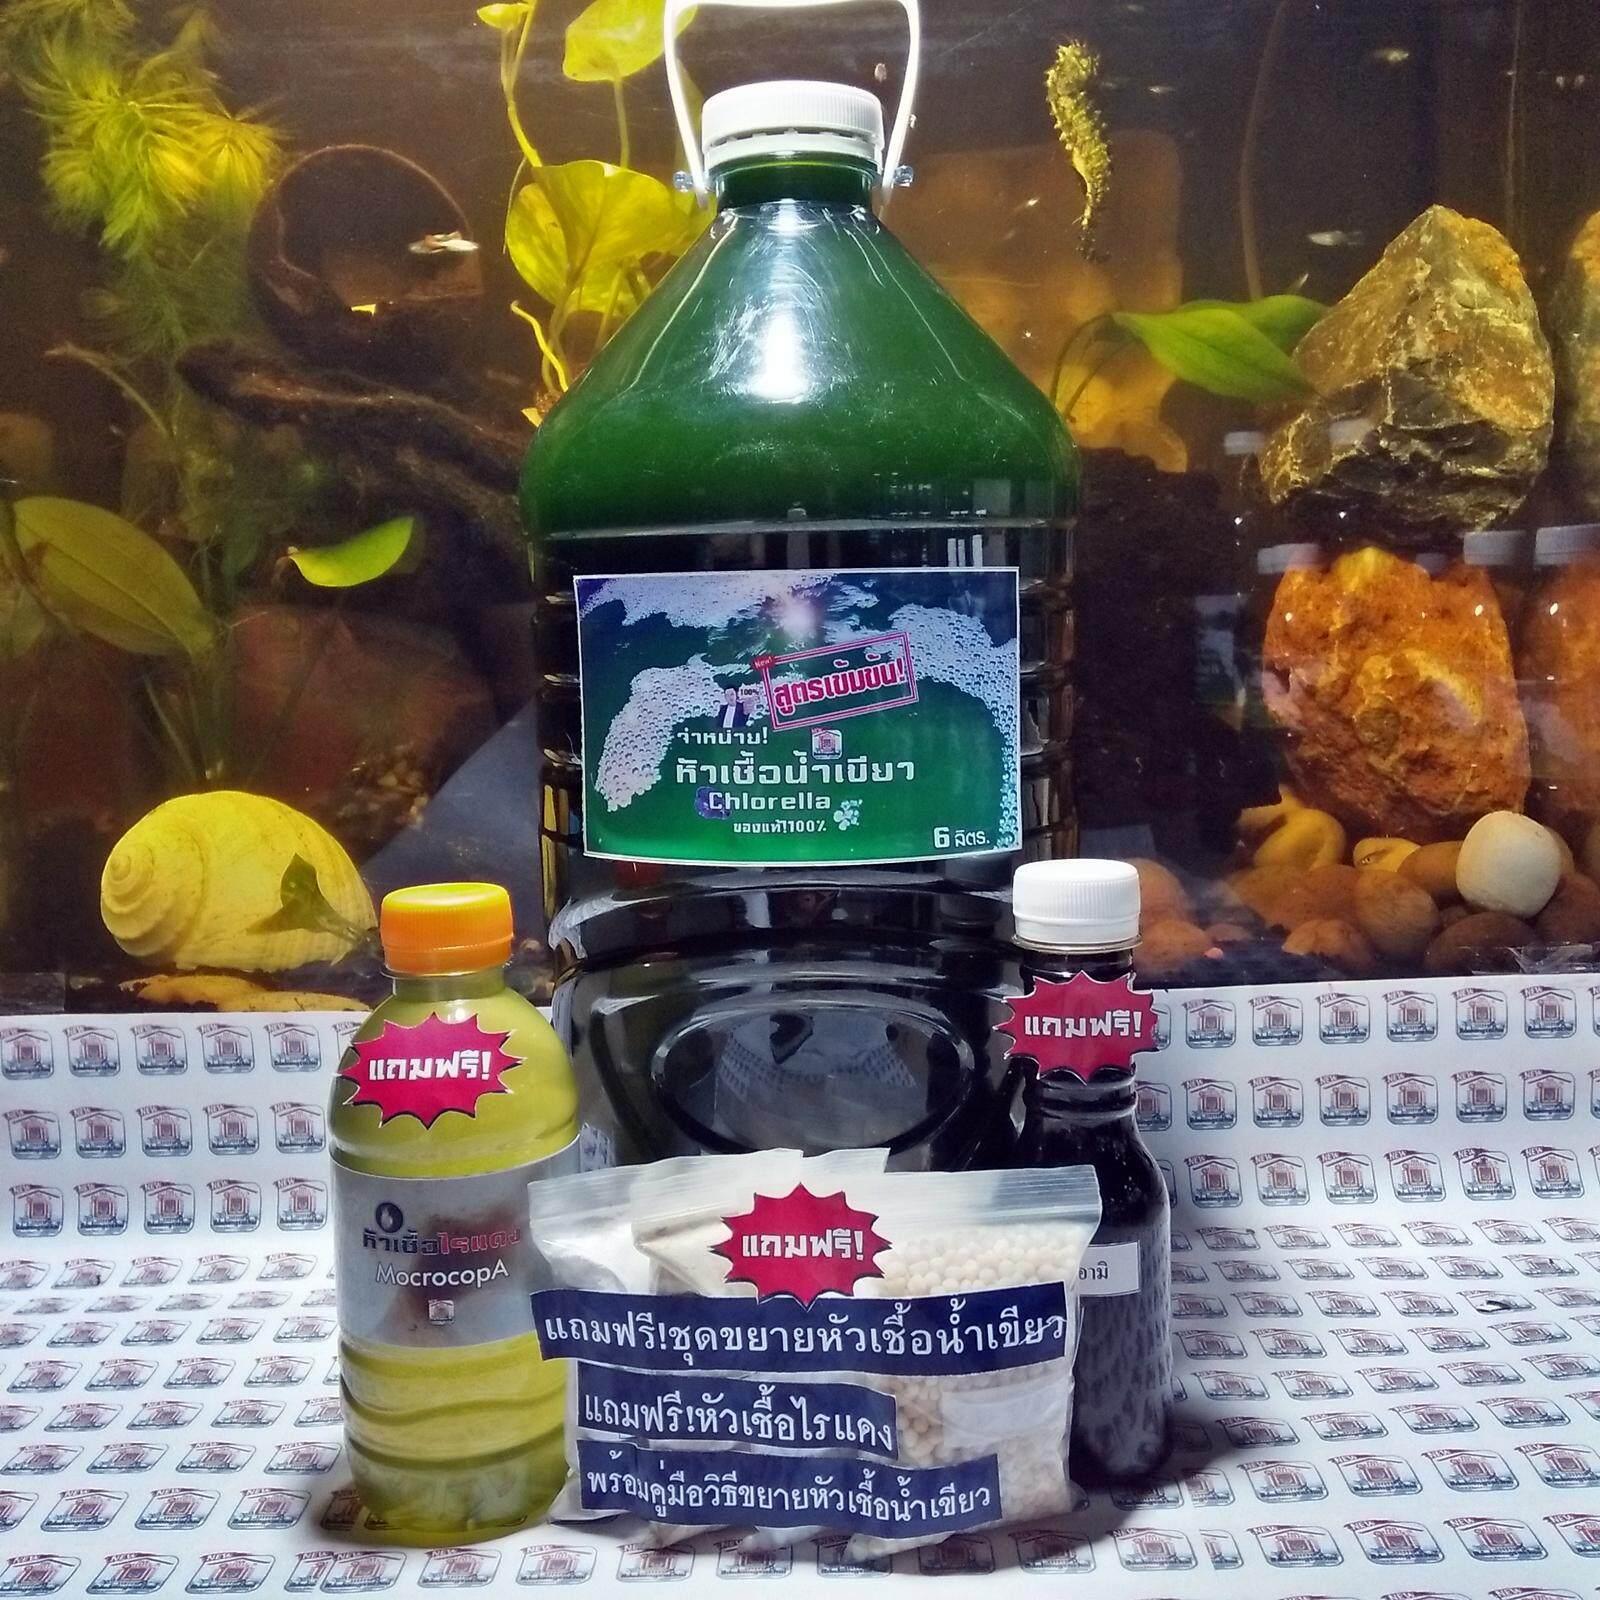 หัวเชื้อน้ำเขียว สาหร่ายคลอเรลล่า สูตรเข้มข้น! ปริมาณขนาด 6 ลิตร.(แถมฟรี!ชุดขยายสำหรับเพาะหัวเชื้อน้ำเขียว)